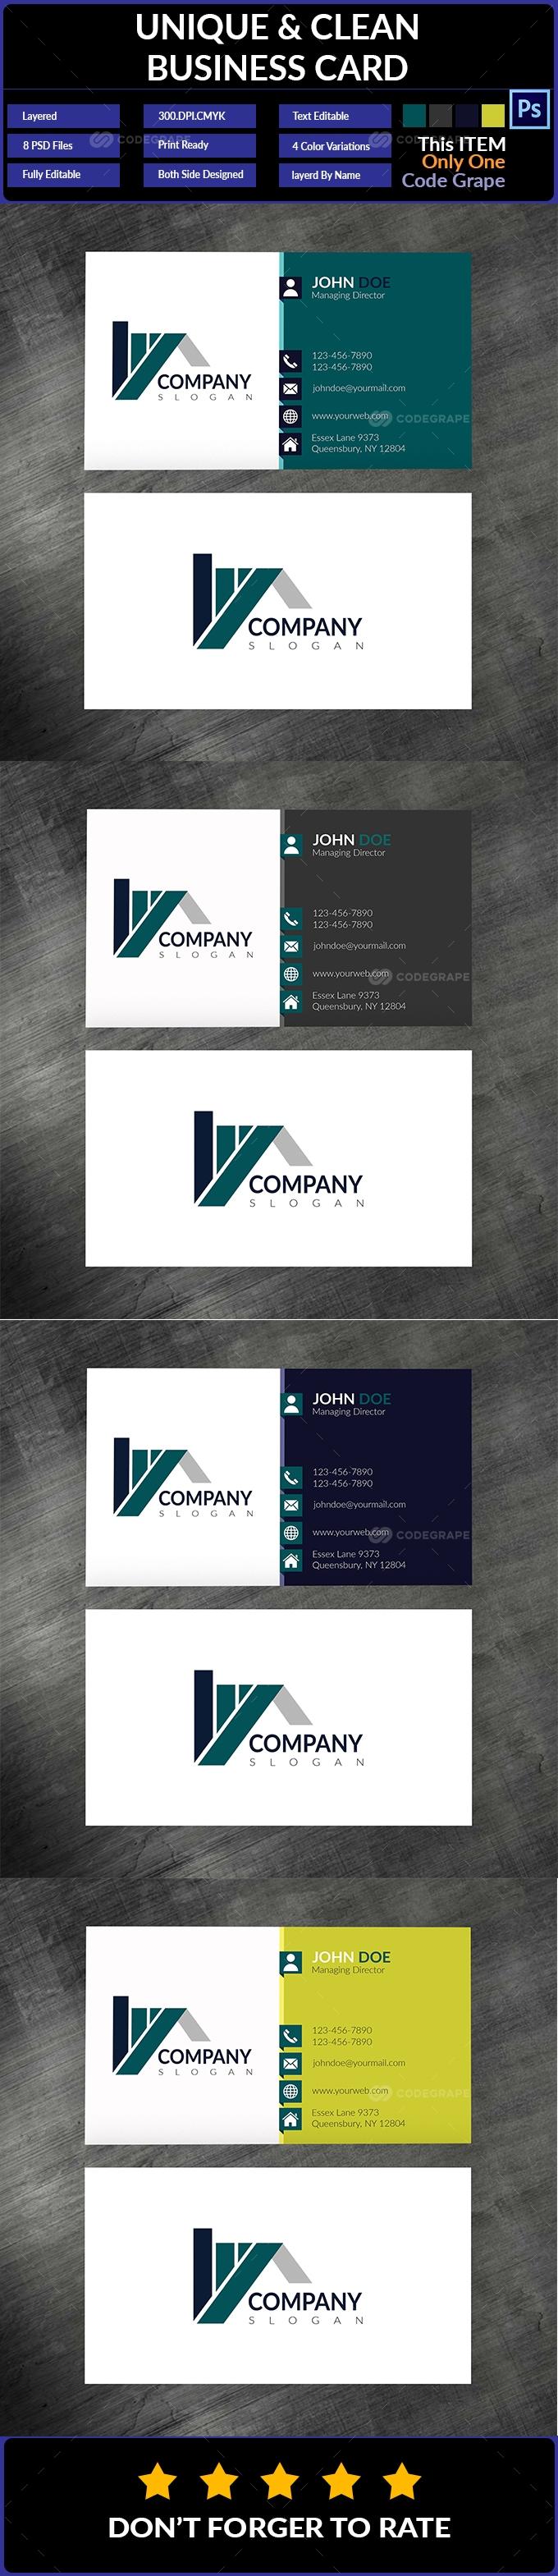 Unique & Clean Business Card